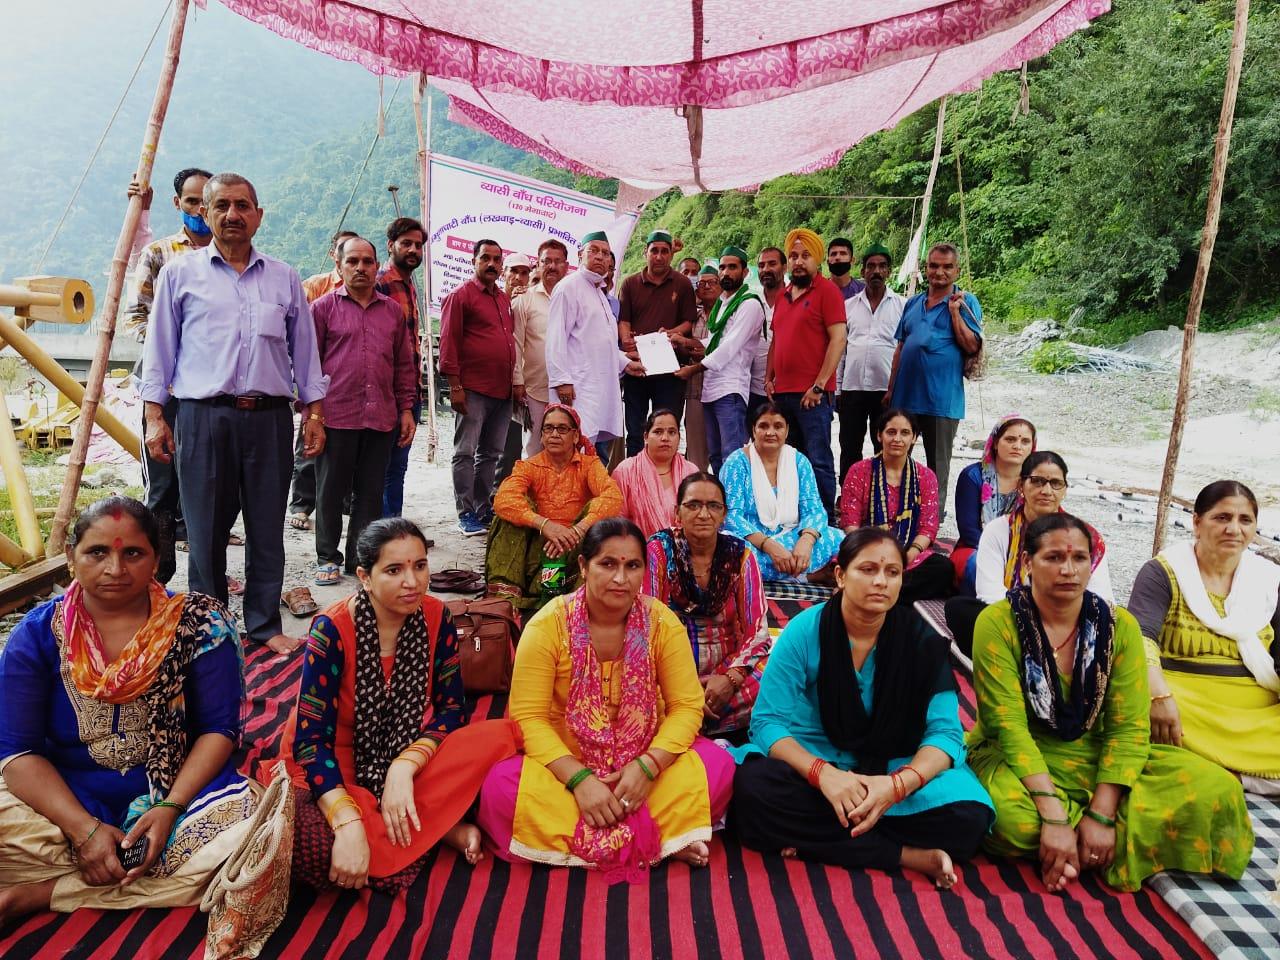 उत्तराखंड : आज भारतीय किसान यूनियन(टिकैत) उत्तराखण्ड का एक प्रतिनिधिमंडल ने धरना स्थल पर पहुँचकर ग्राम लोहारी के आंदोलन को अपना समर्थन दिया।